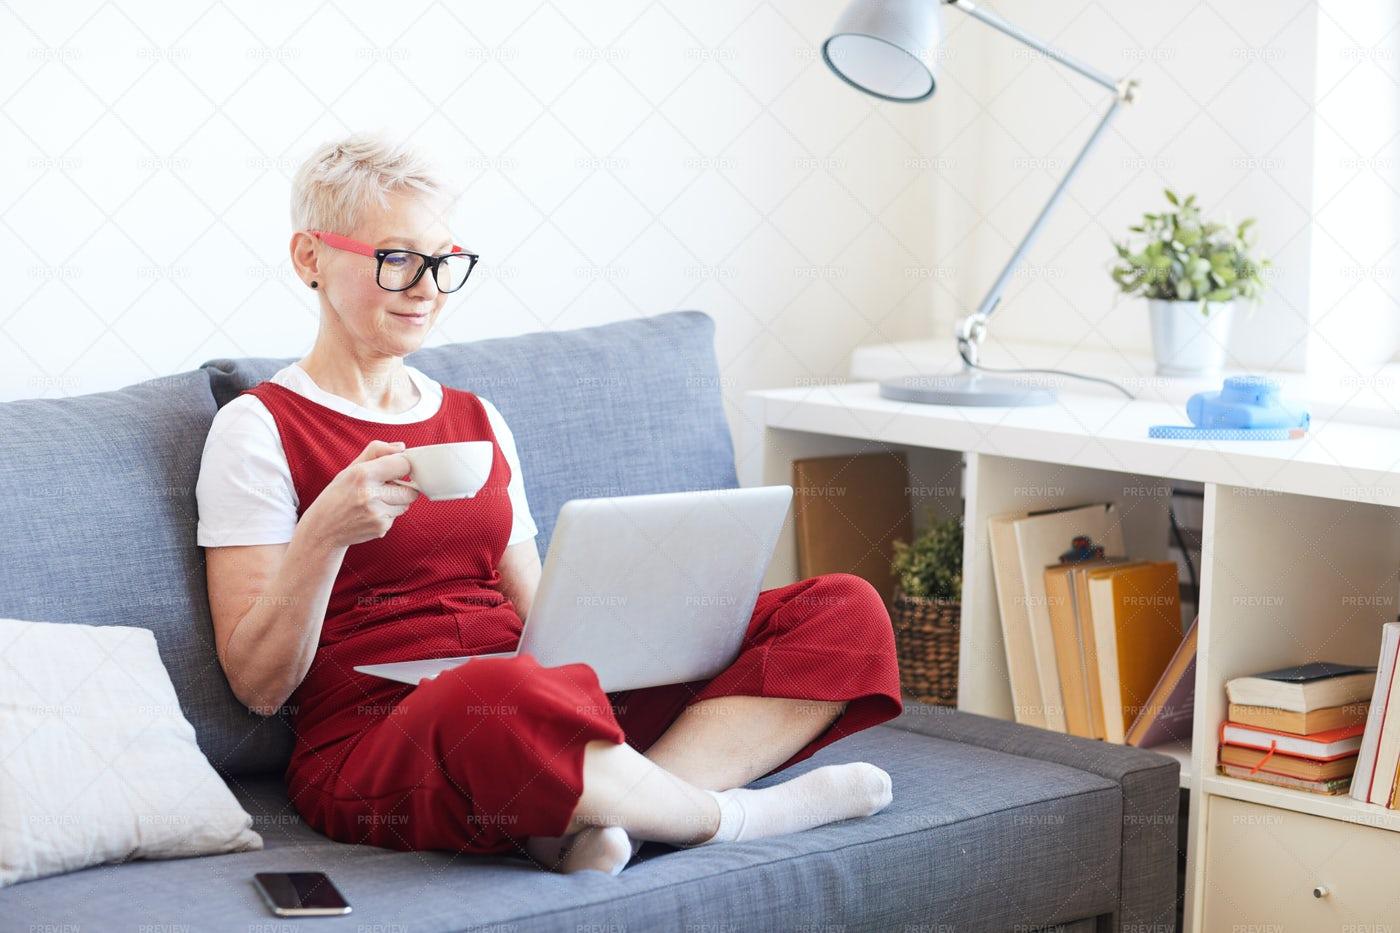 Break With Laptop: Stock Photos